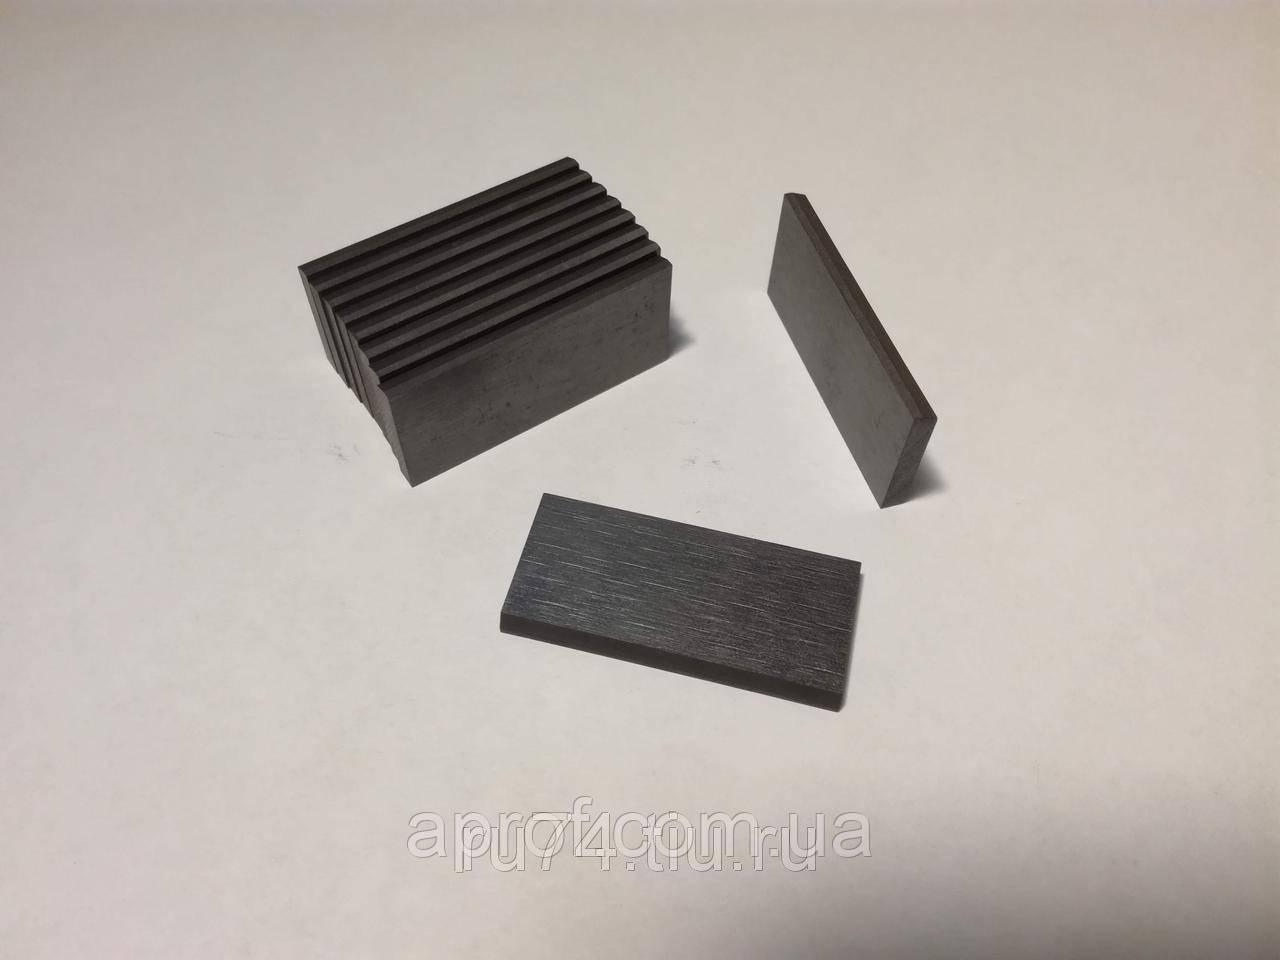 Лопатки графитовые (70х32х5,6 мм) для доильного аппарата LBM.136. комплект - 4 шт